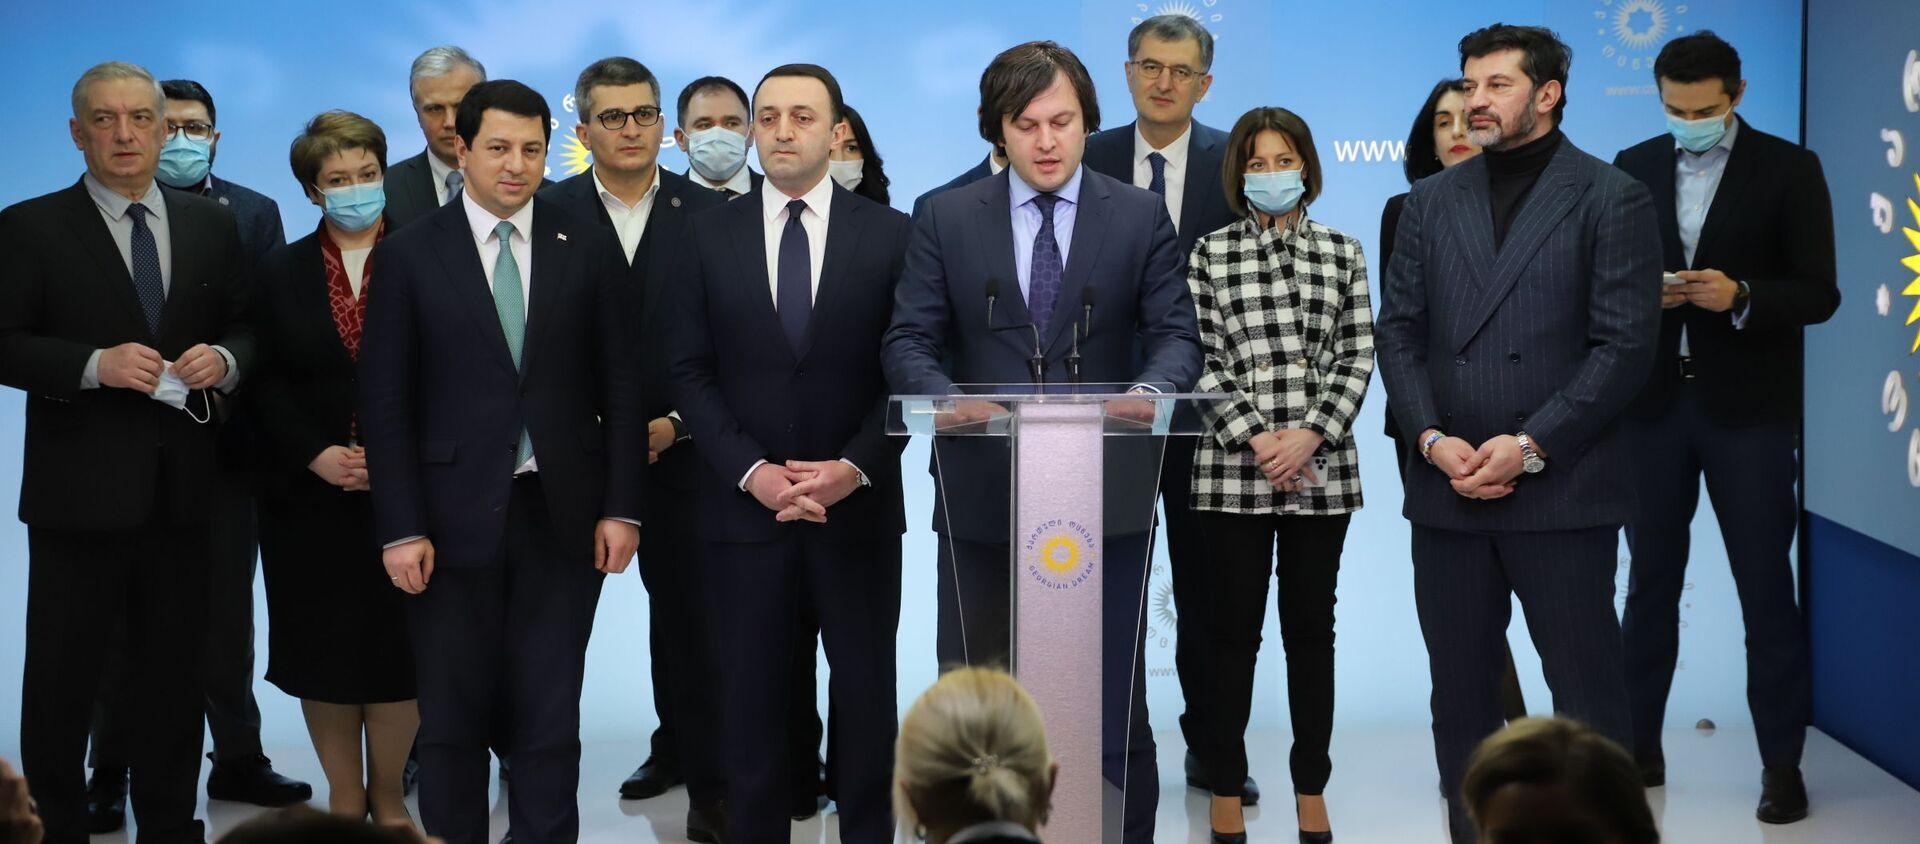 Ираклий Кобахидзе. Брифинг лидеров правящей партии Грузинская мечта 18 февраля 2021 года - Sputnik Грузия, 1920, 06.04.2021